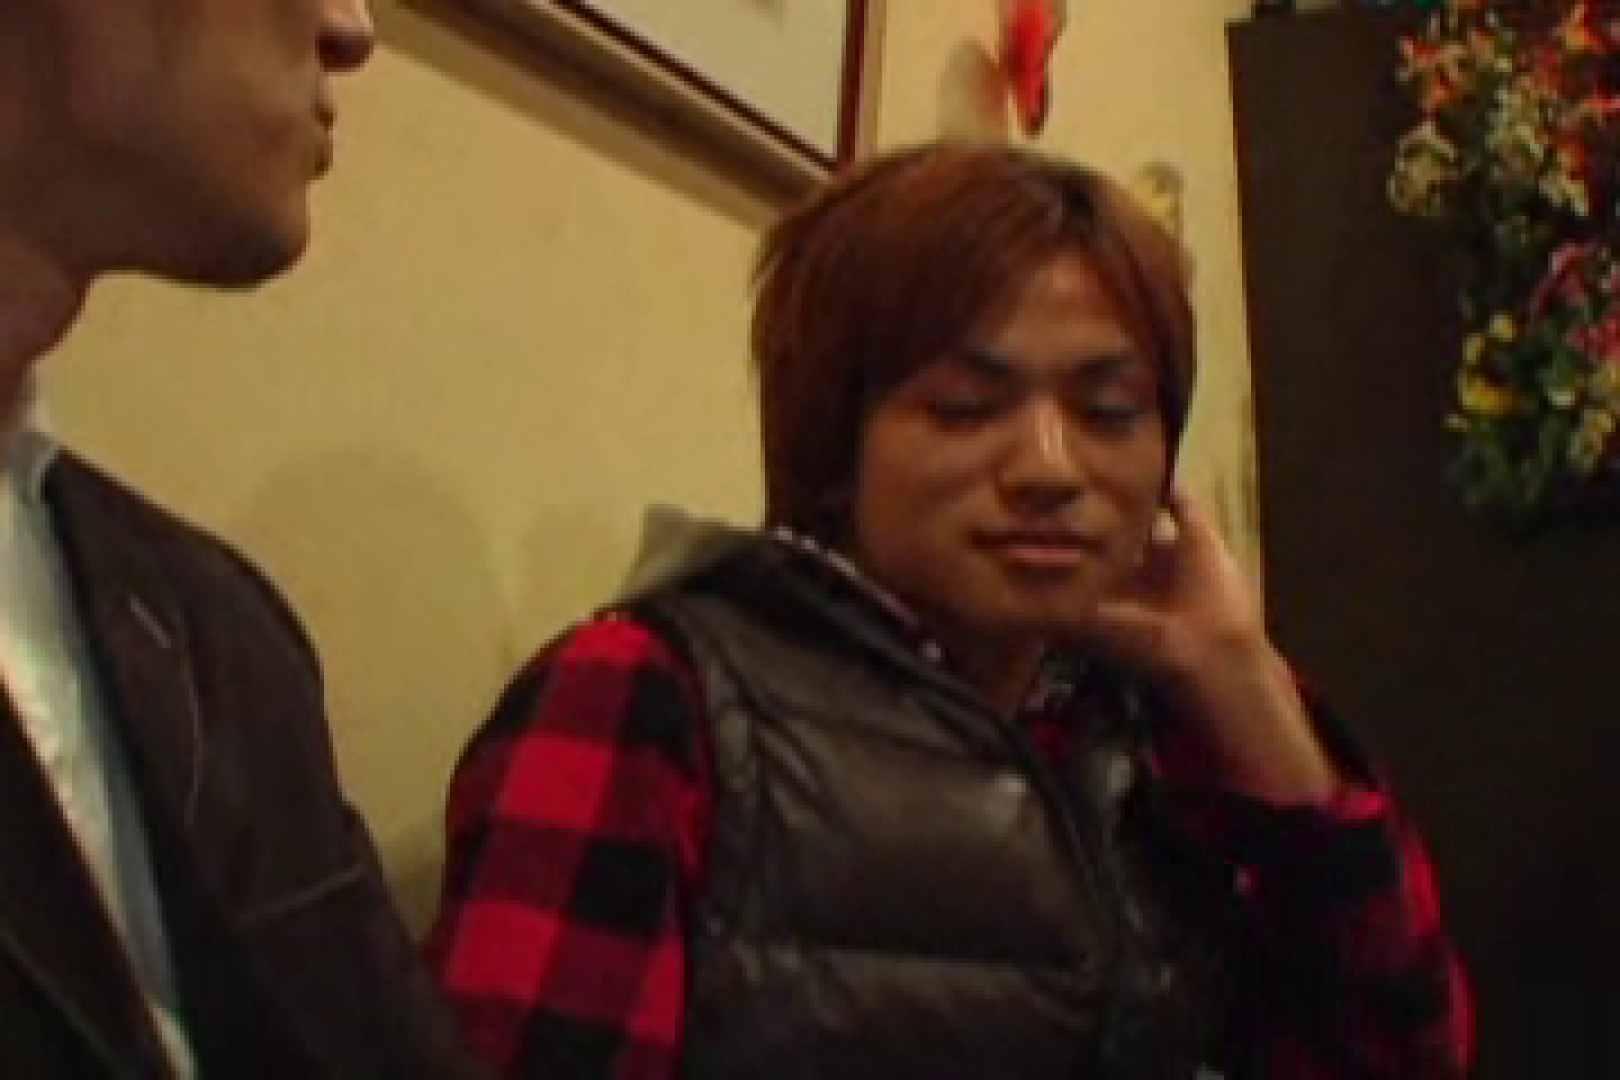 美men's達のForbidden World vol.5 お手で! AV動画 112pic